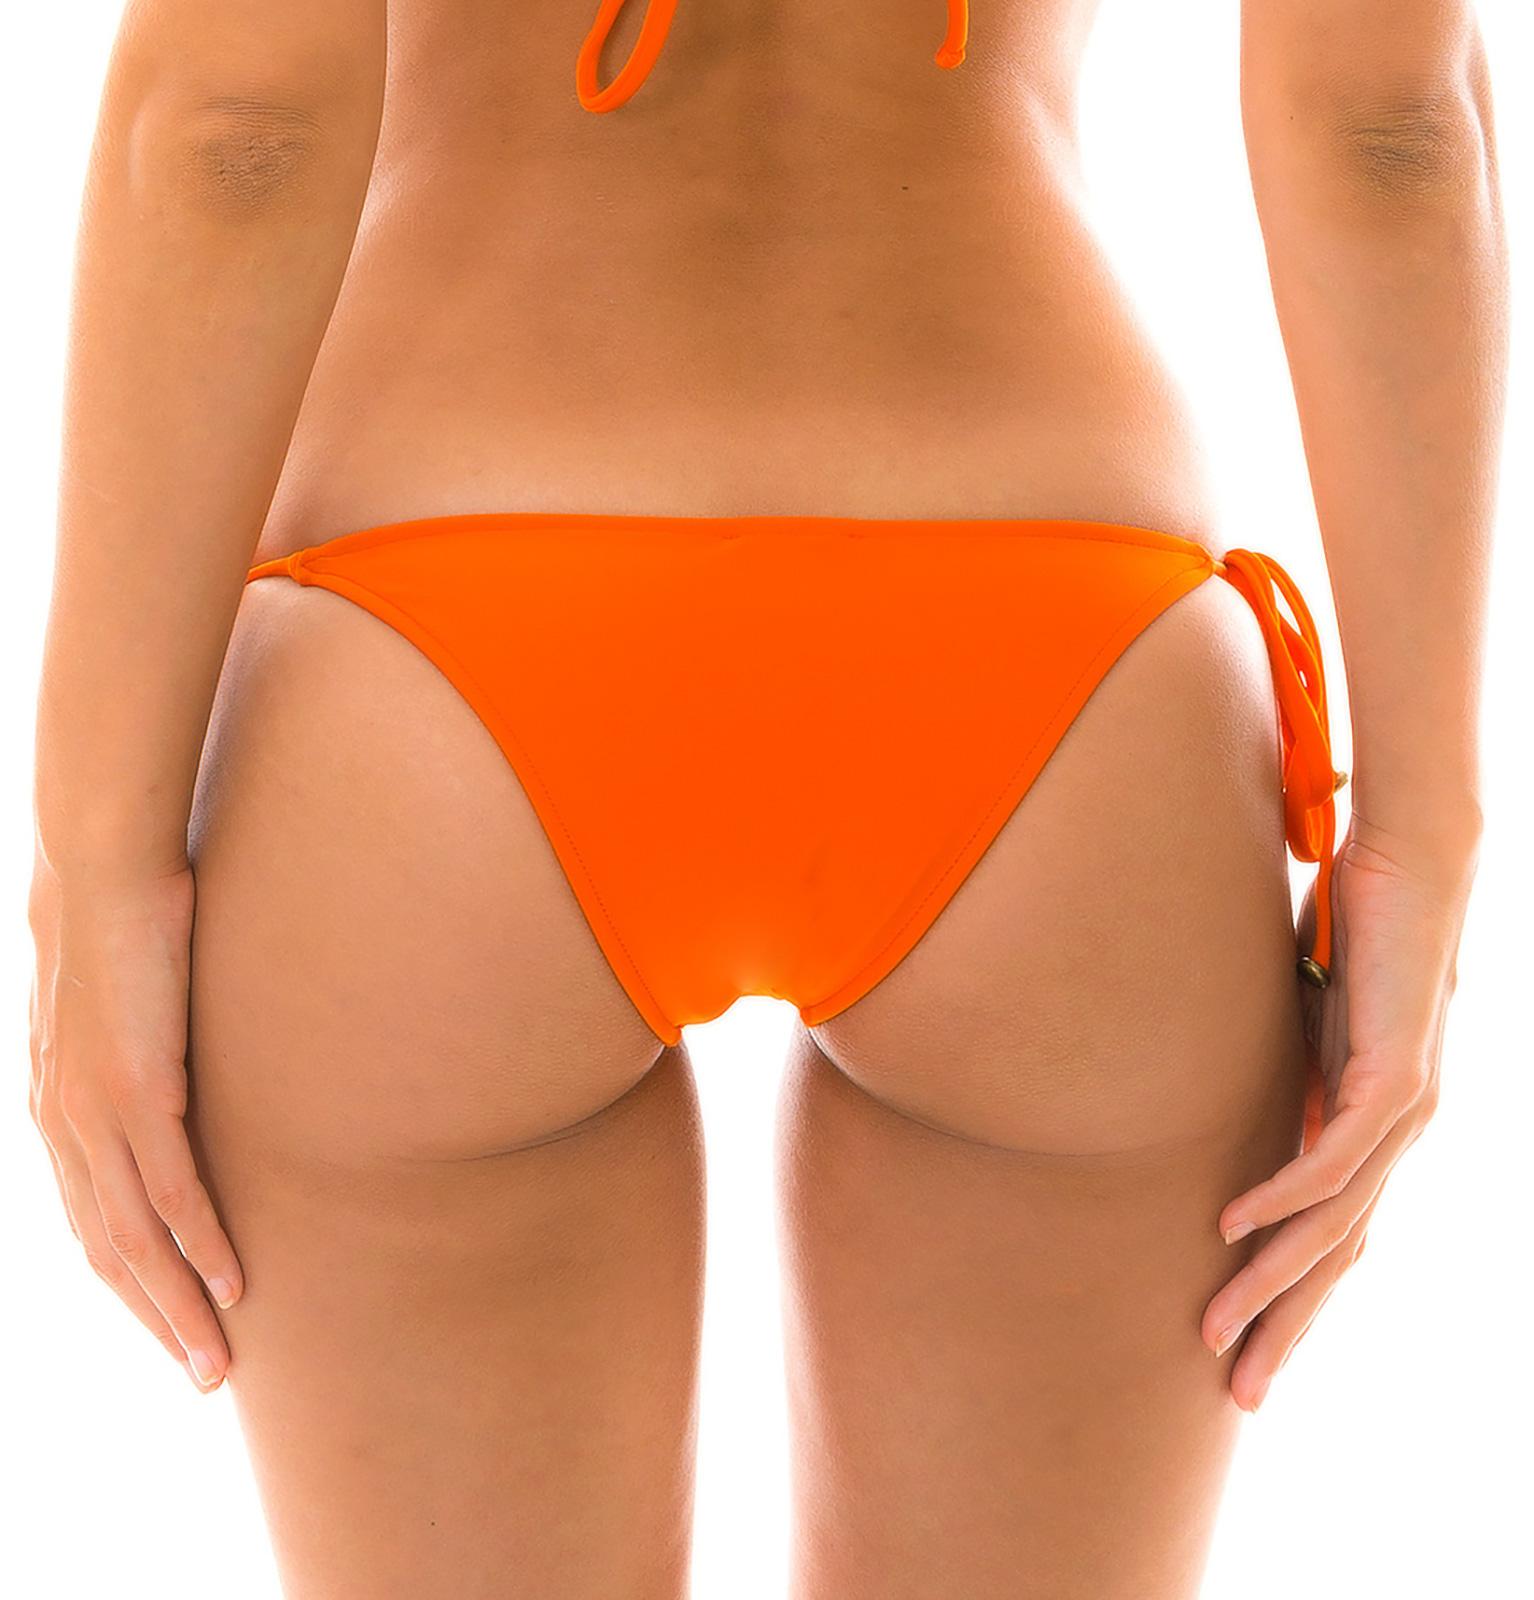 d591ab57484 Orange Side-tie Brazilian Bikini Bottom - Bottom Lacinho King - Rio ...